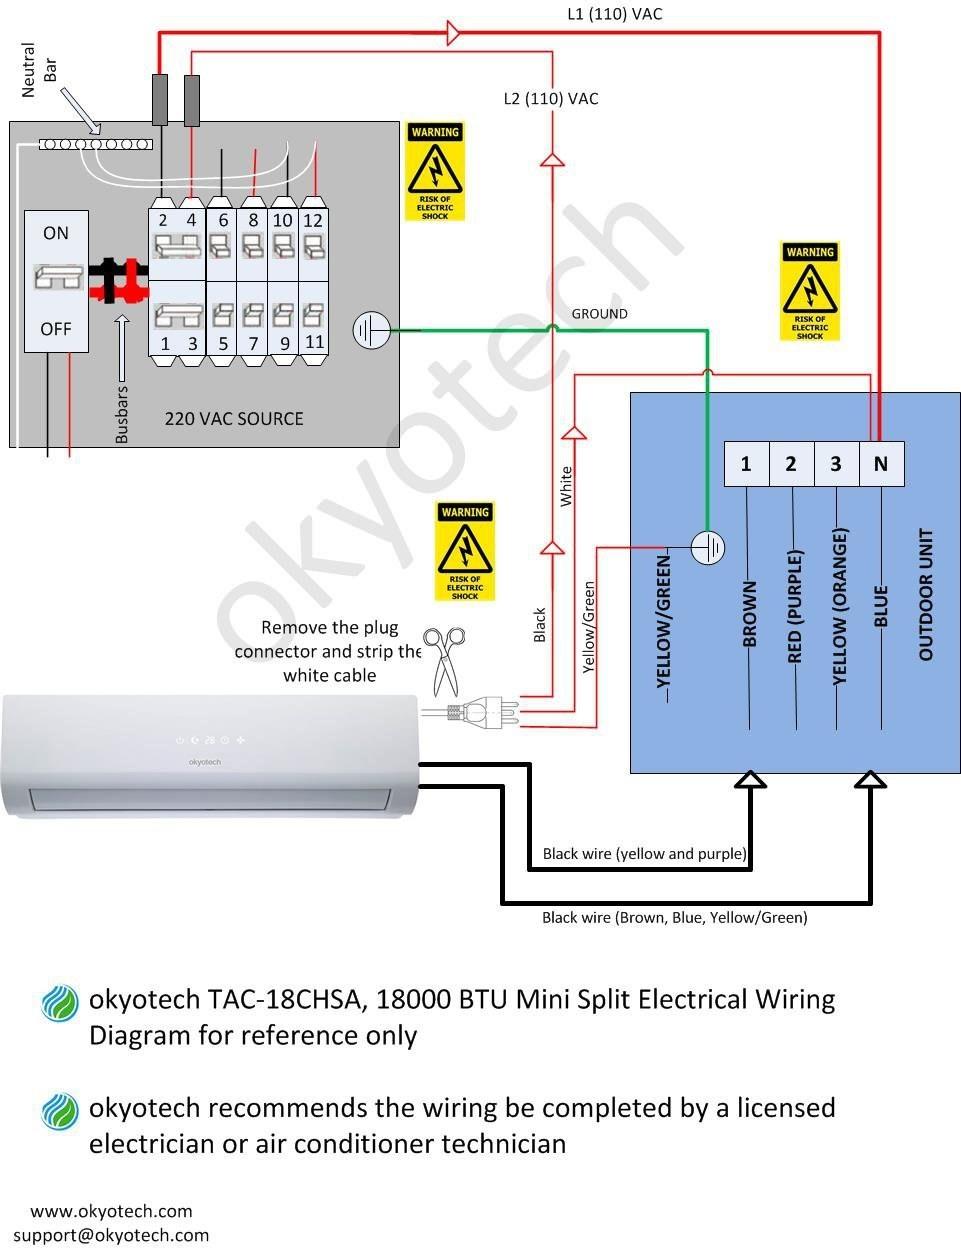 hight resolution of fujitsu mini split heat pump wiring diagram free wiring diagram wiring diagram split ac download